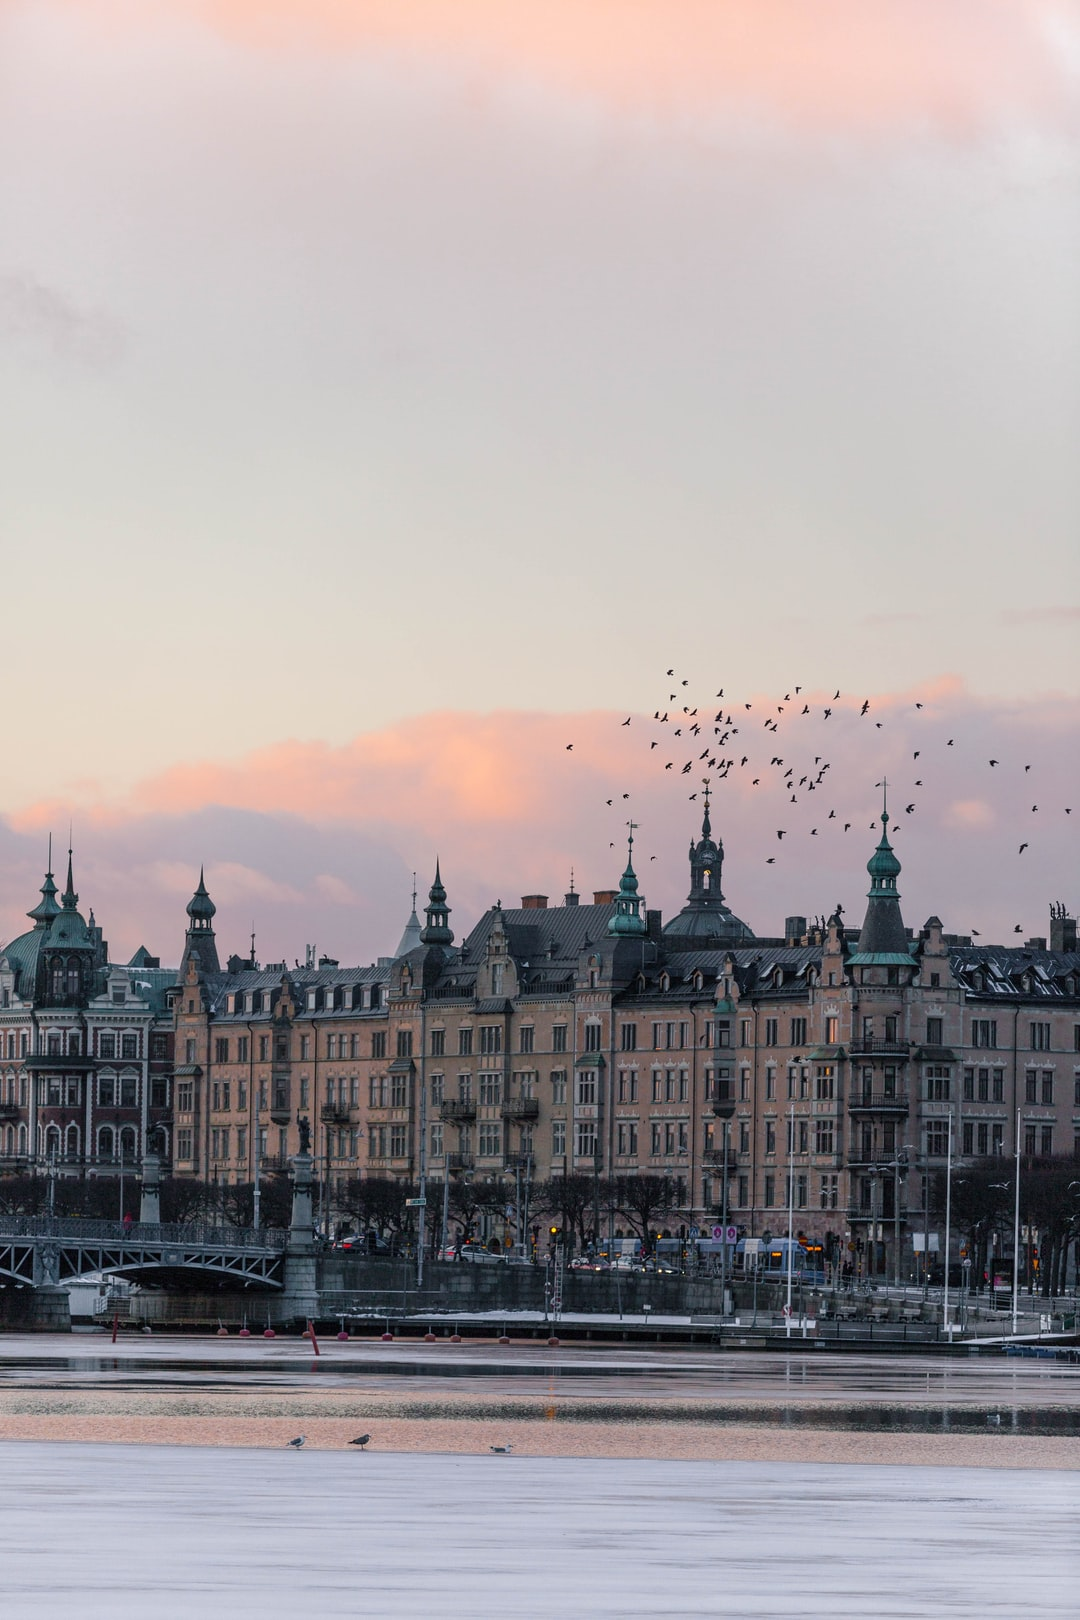 Estocolmo. Que el frío no te acobarde